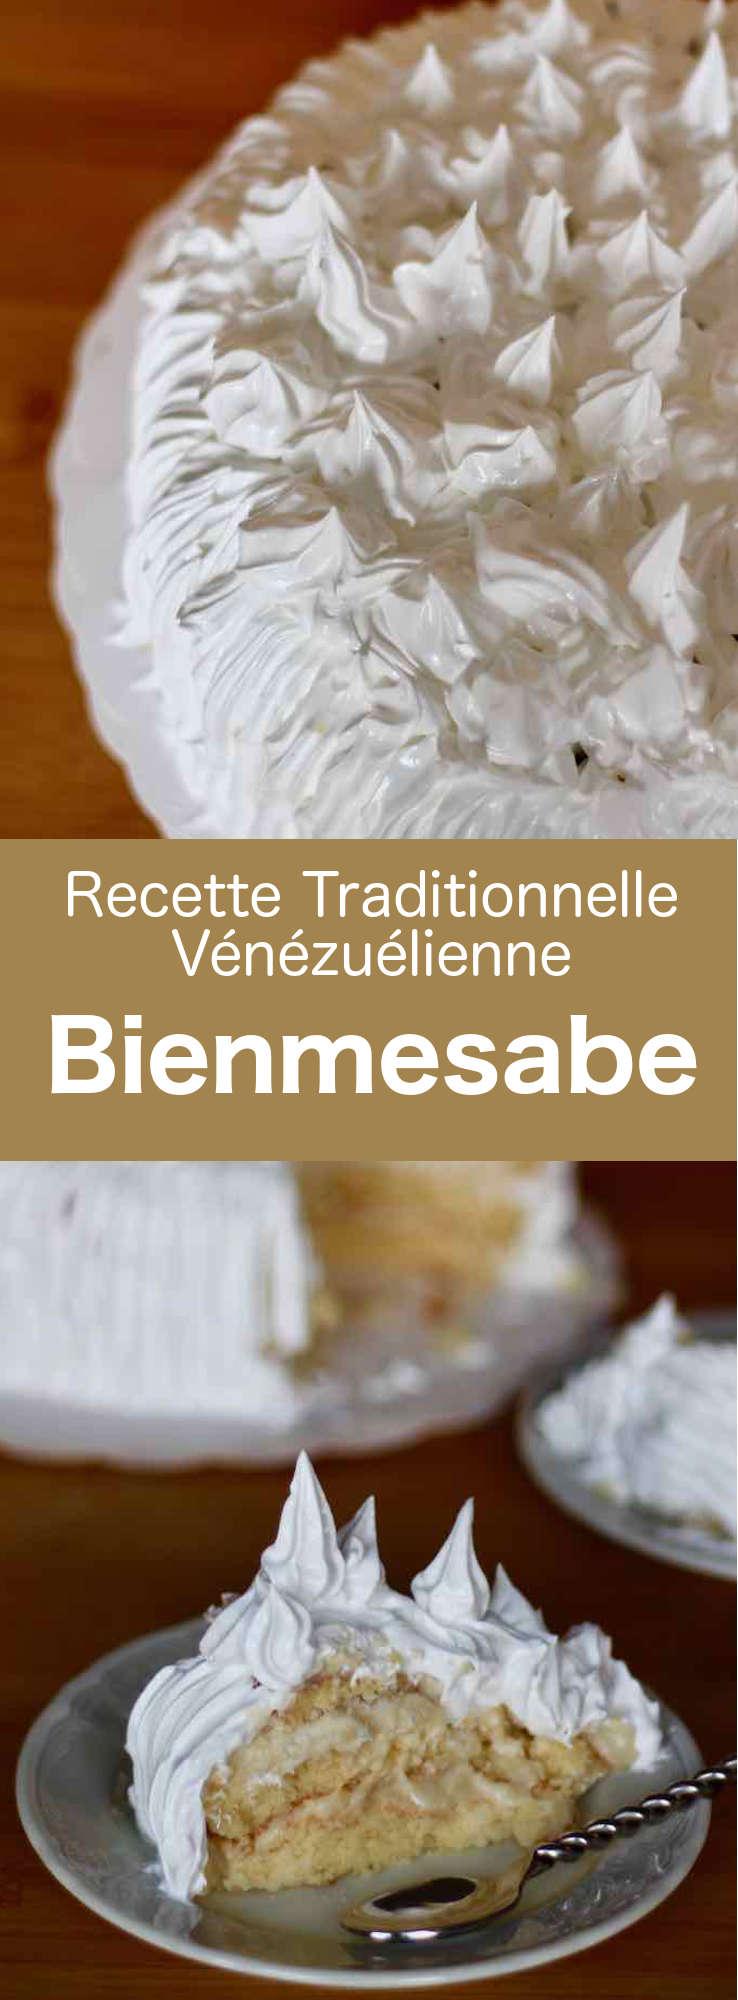 Le bienmesabe est un gâteau aérien traditionnel vénézuélien, d'origine espagnole, préparé à base de crème aux oeufs à la noix de coco et de Xérès. #Venezuela #CuisineVenezuelienne #AmeriqueLatine #CuisineLatine #CuisineDuMonde #196flavors